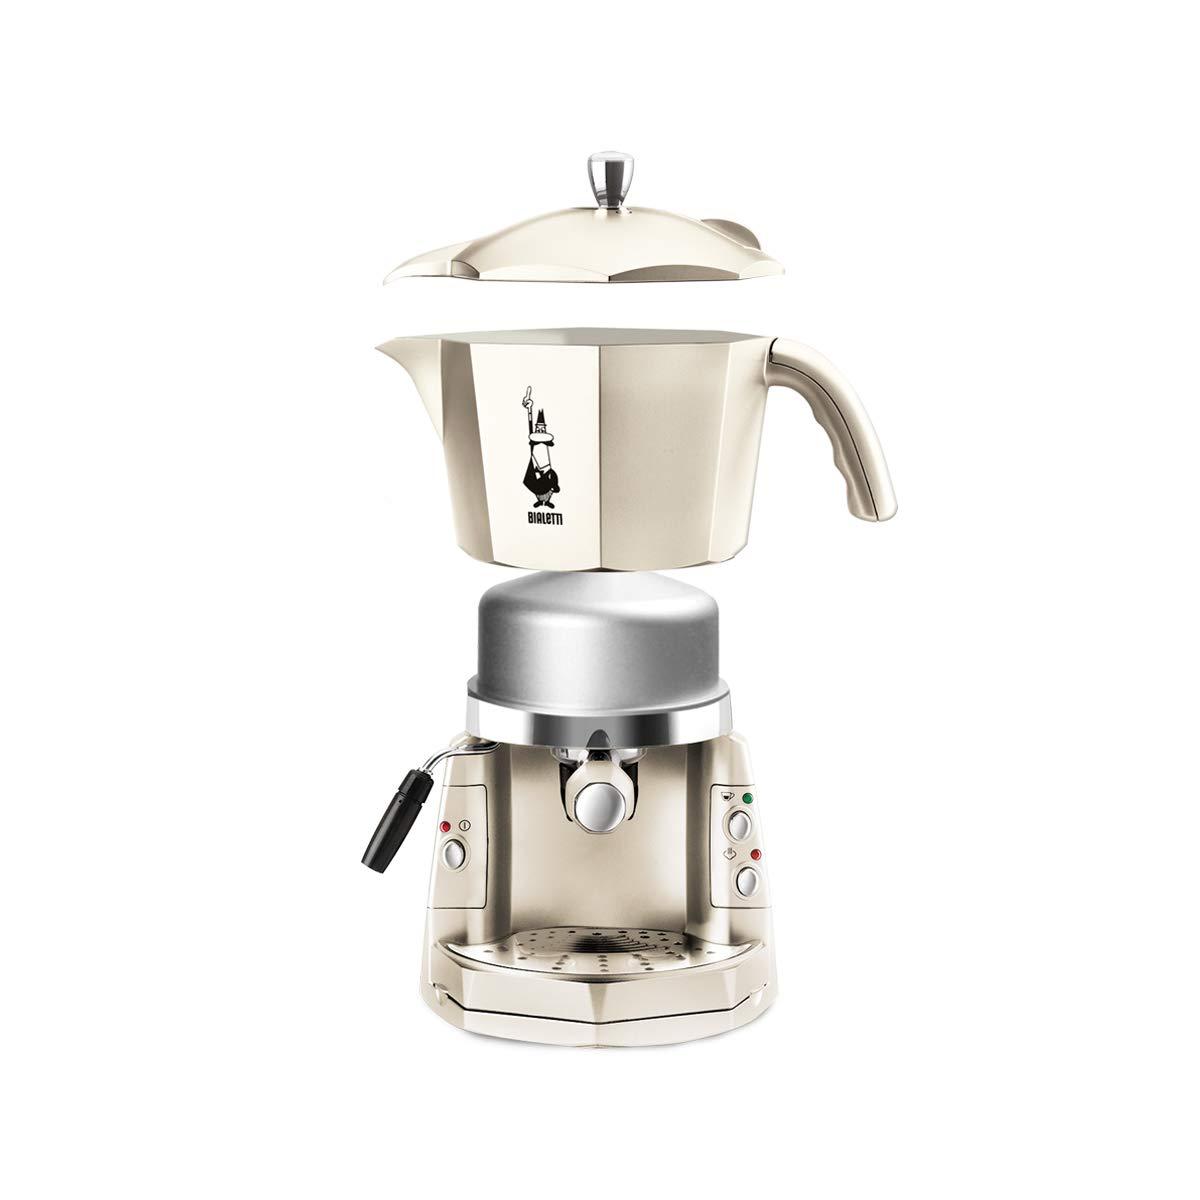 Girmi Mokona - Máquina de café, blanca crema: Amazon.es: Hogar